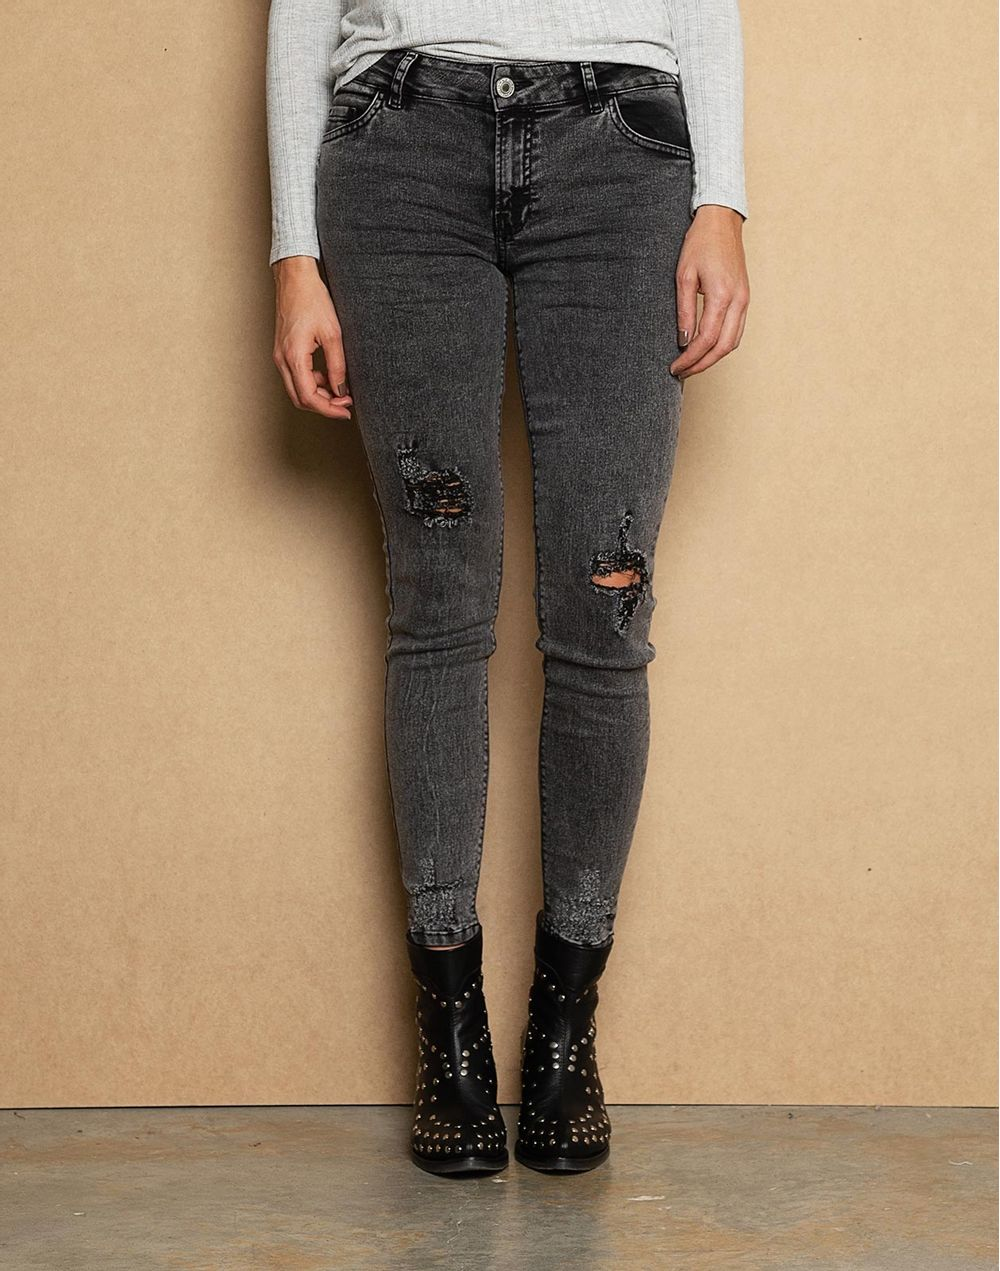 Precio reducido amplia selección de diseños 60% barato Medium Waist Black Denim Jeans + Rotos